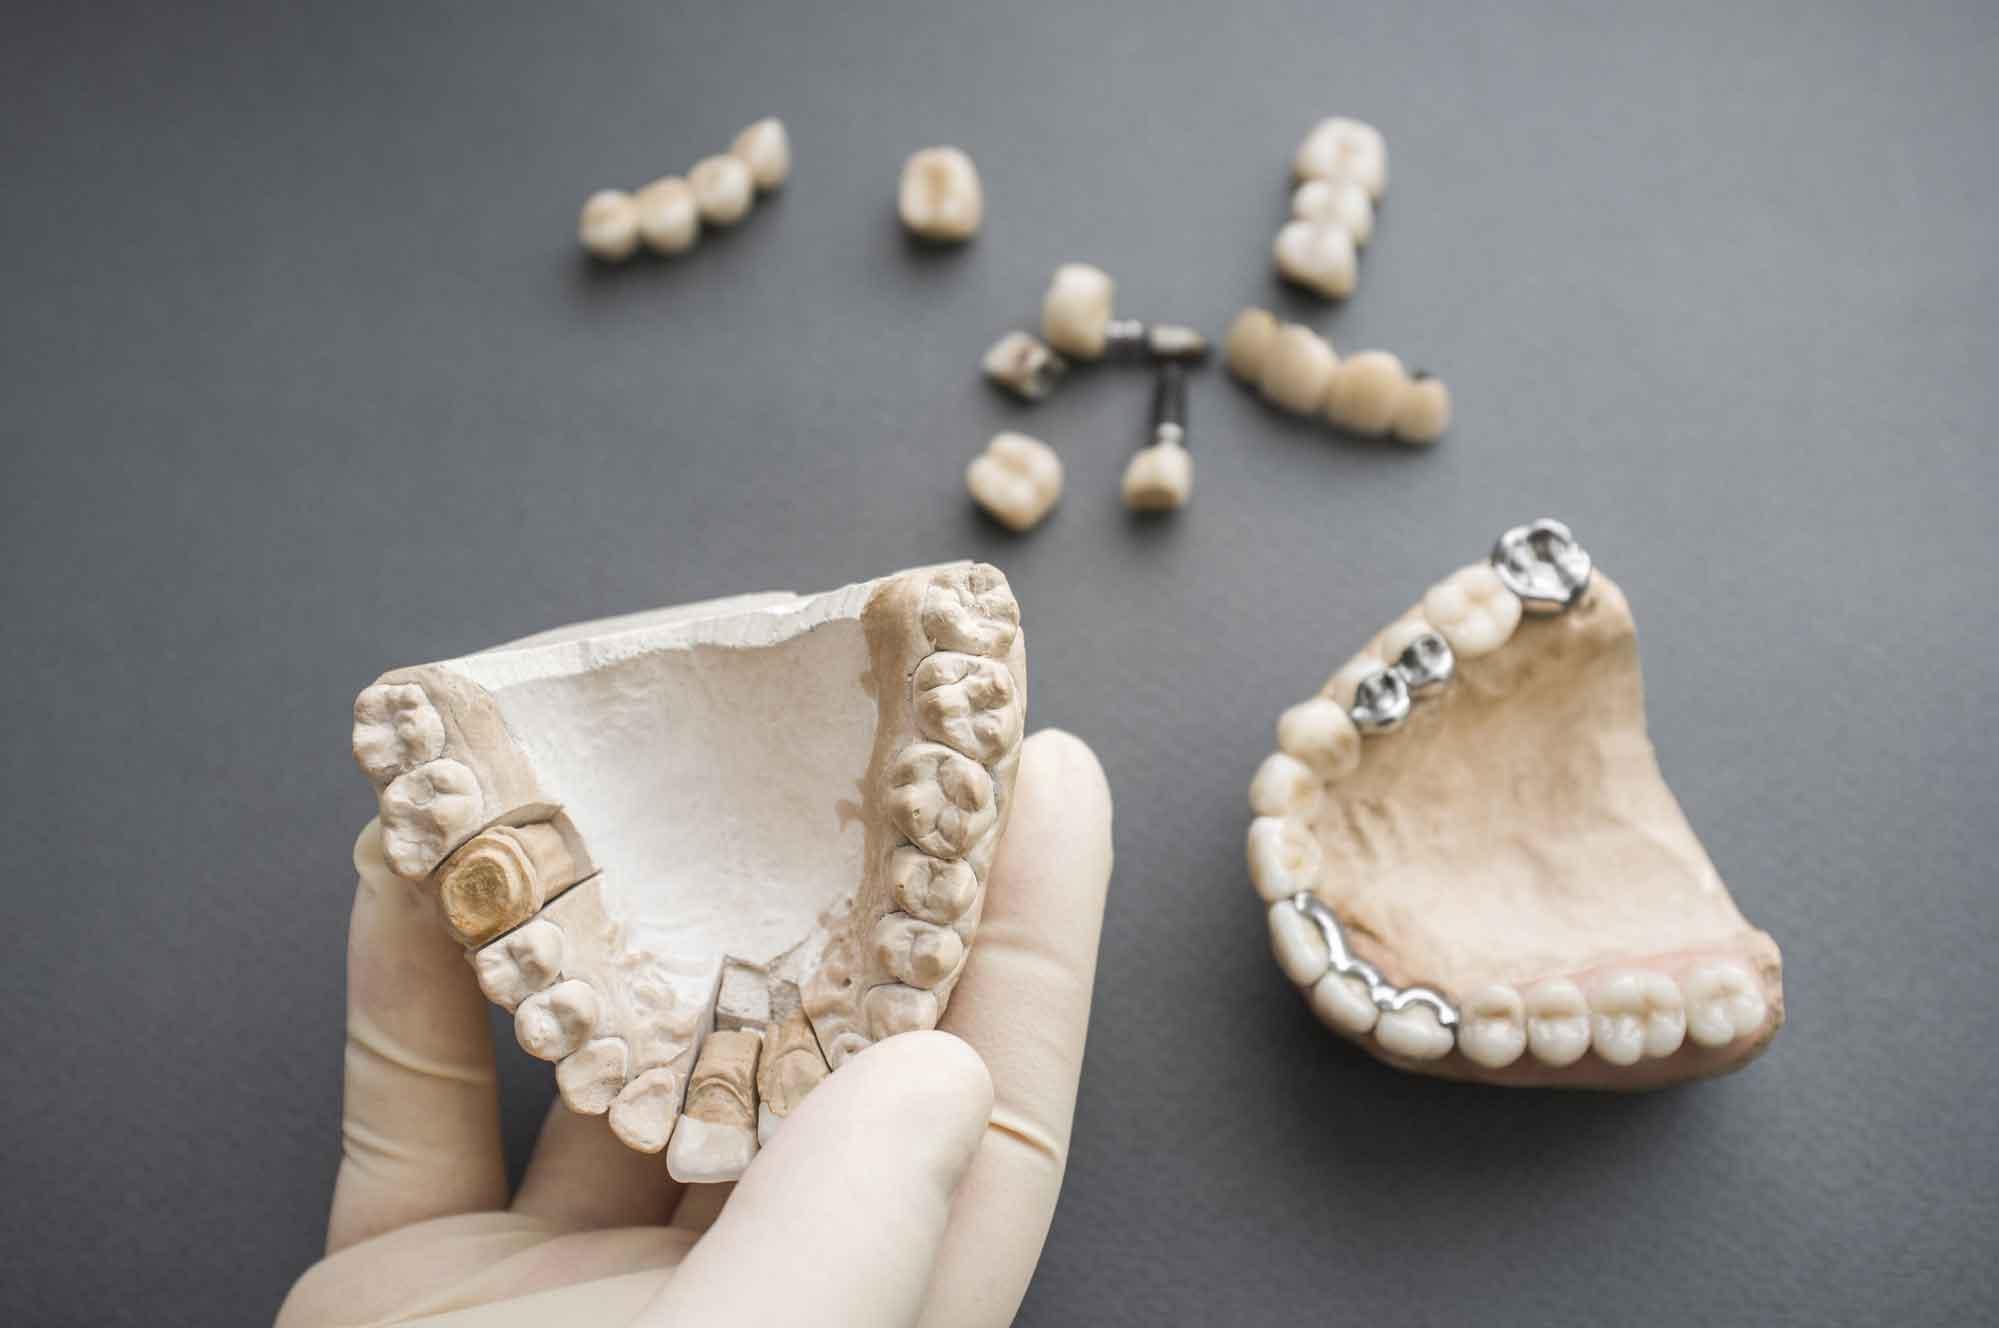 Больно ли делать имплантацию зубов? 4